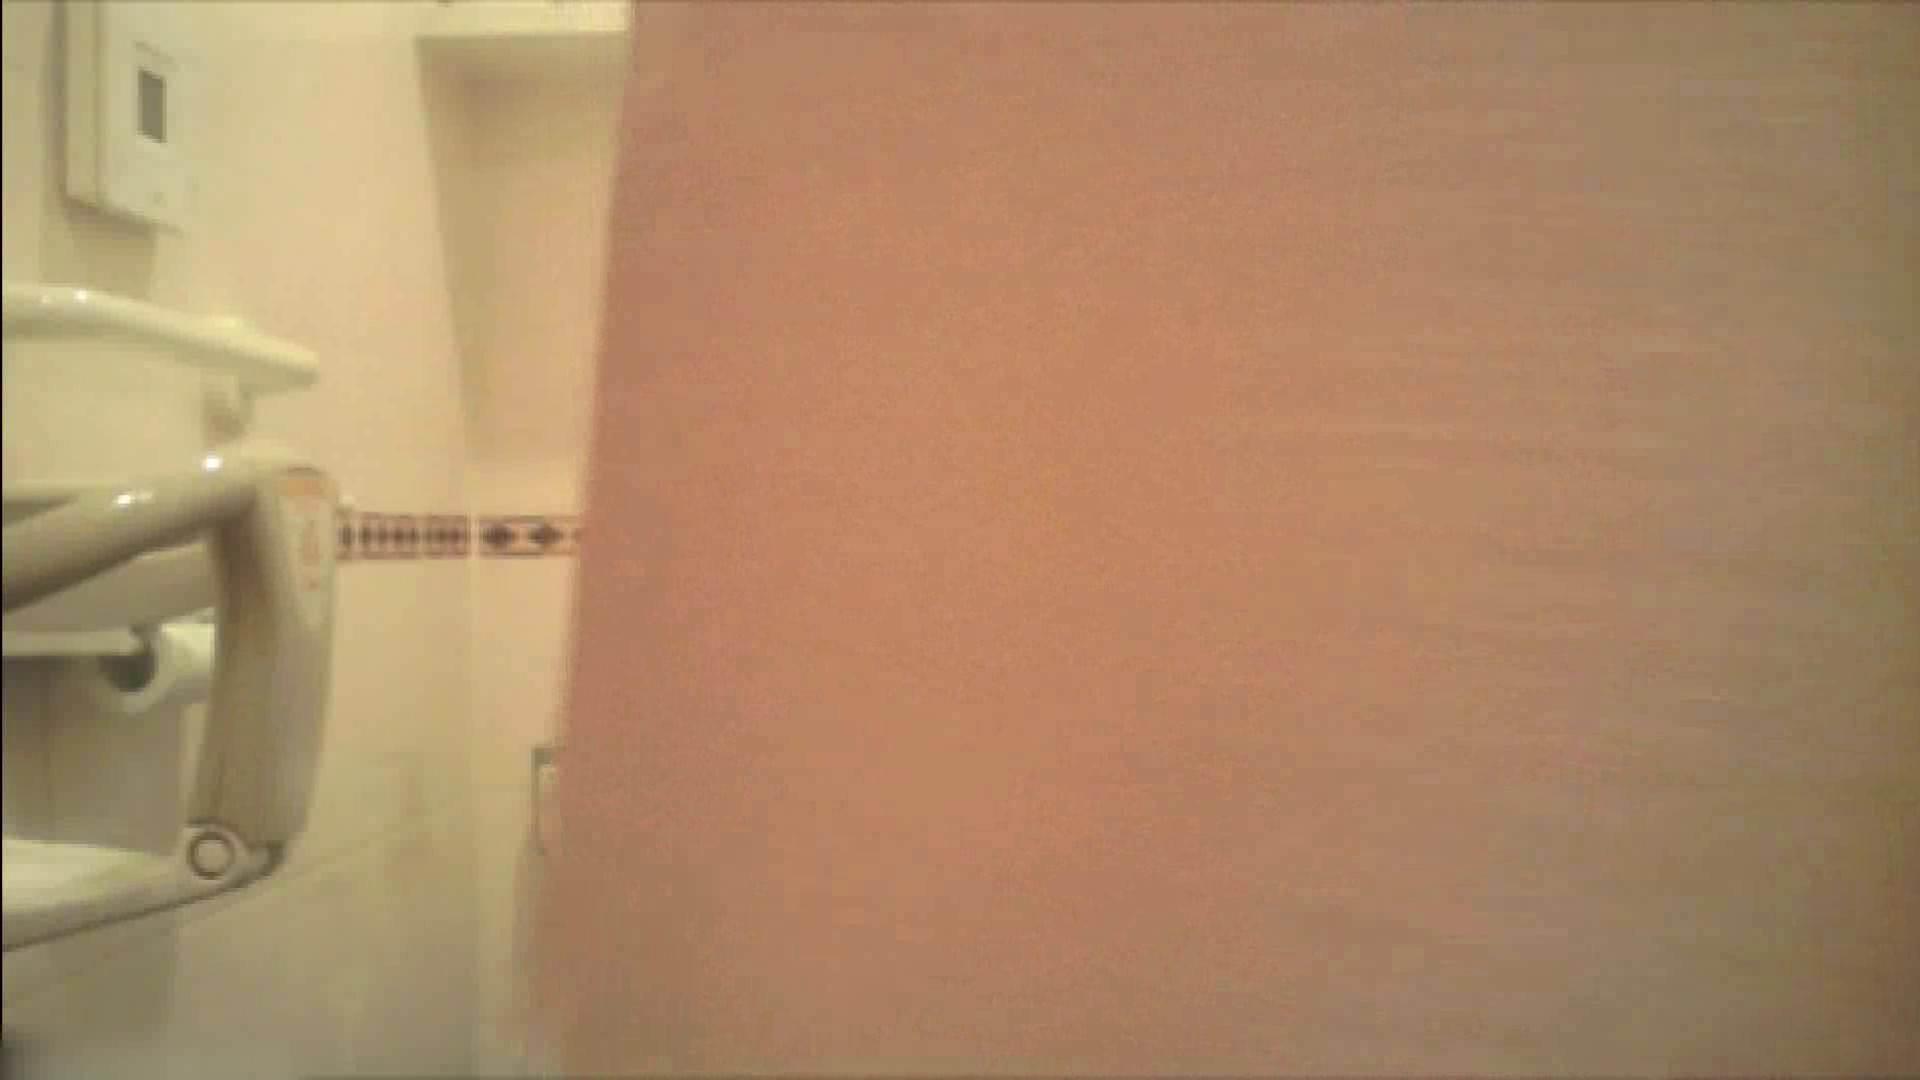 実録!!綺麗なお姉さんのトイレ事情・・・。vol.18 トイレ突入 オメコ無修正動画無料 74pic 59